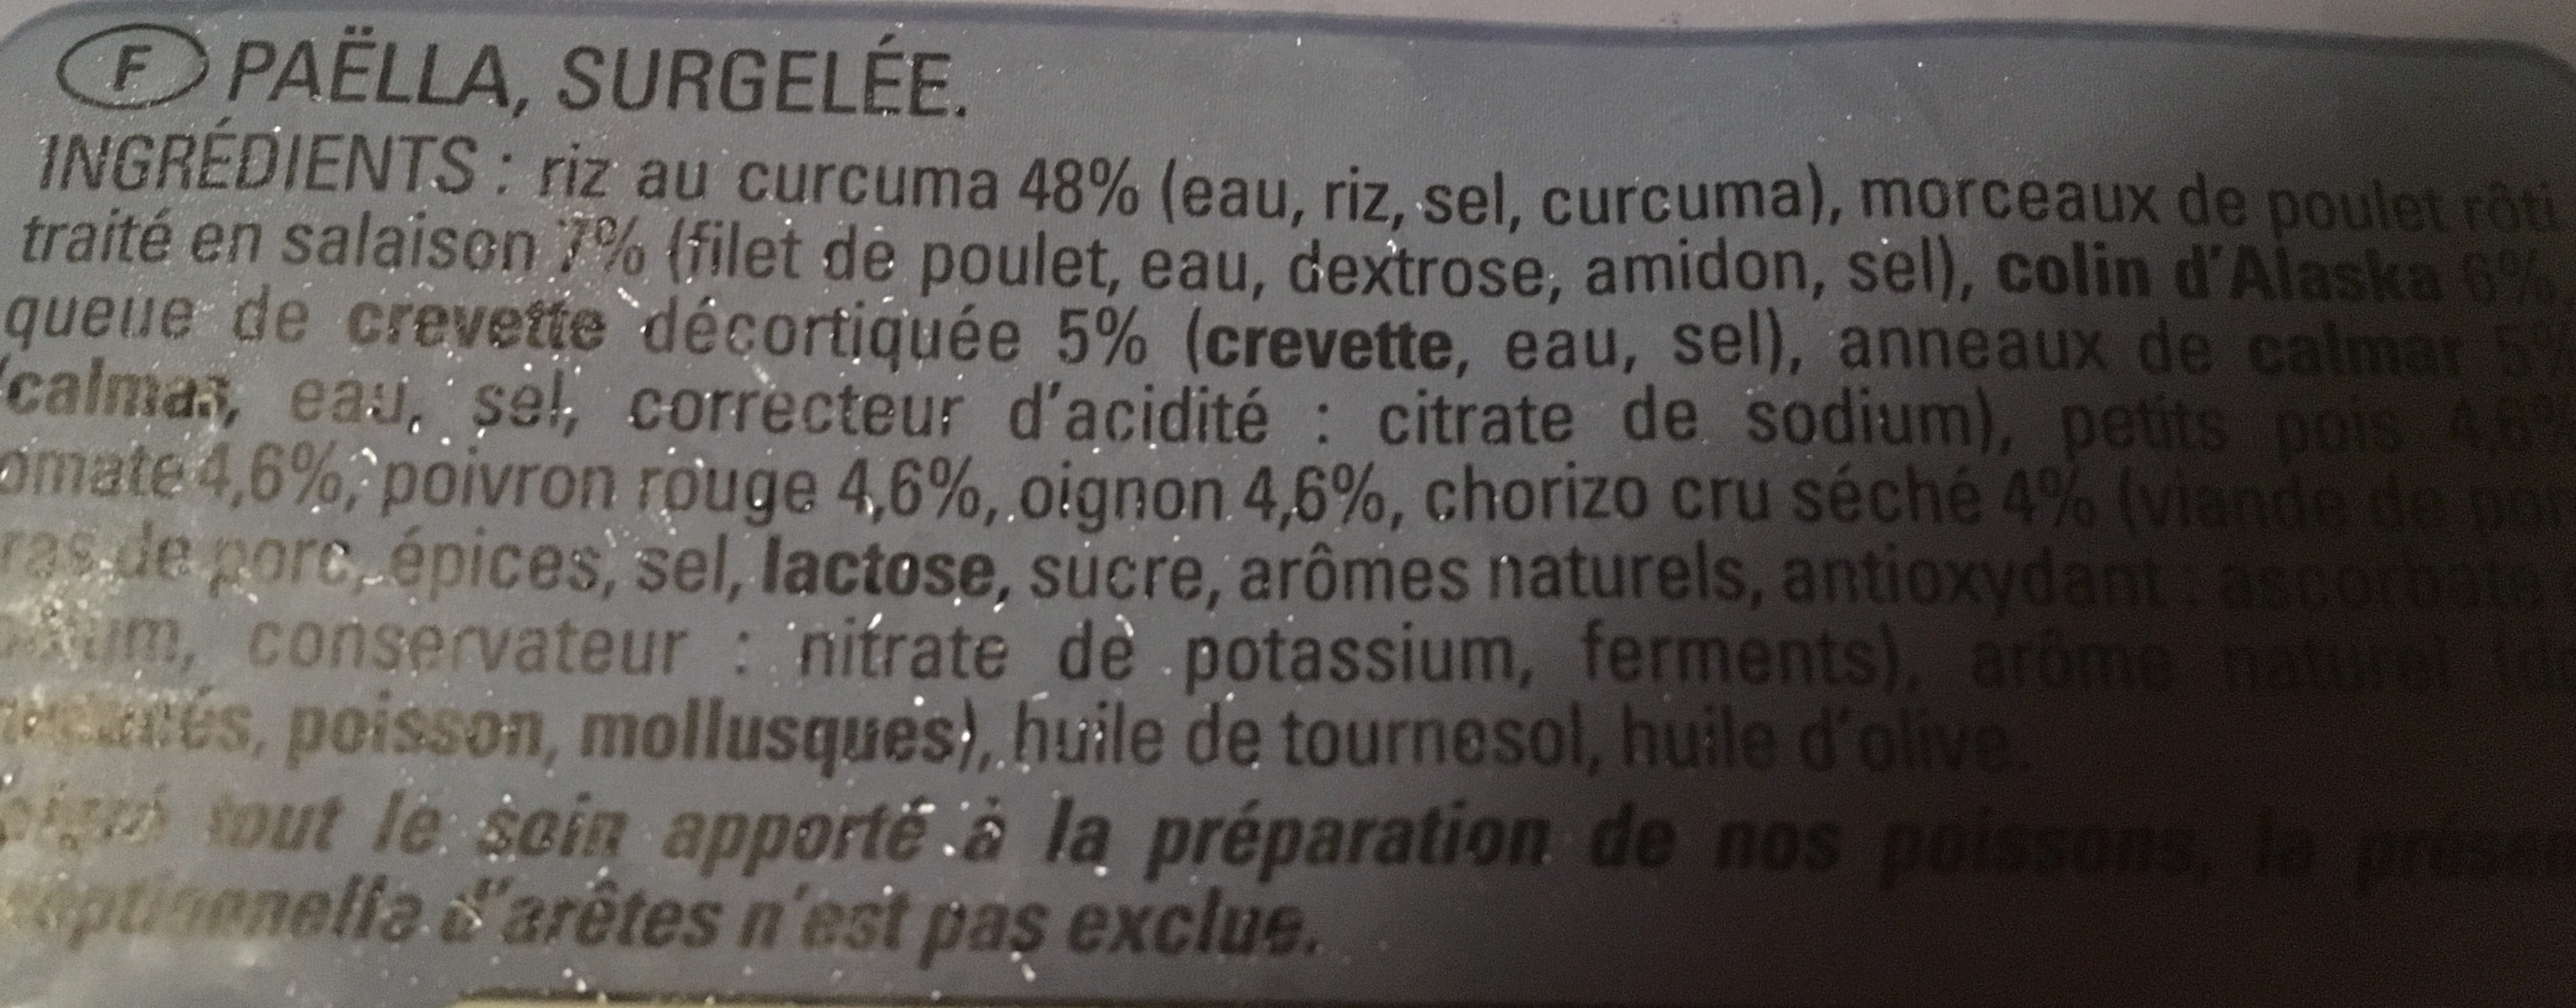 Paella - Ingredienti - fr